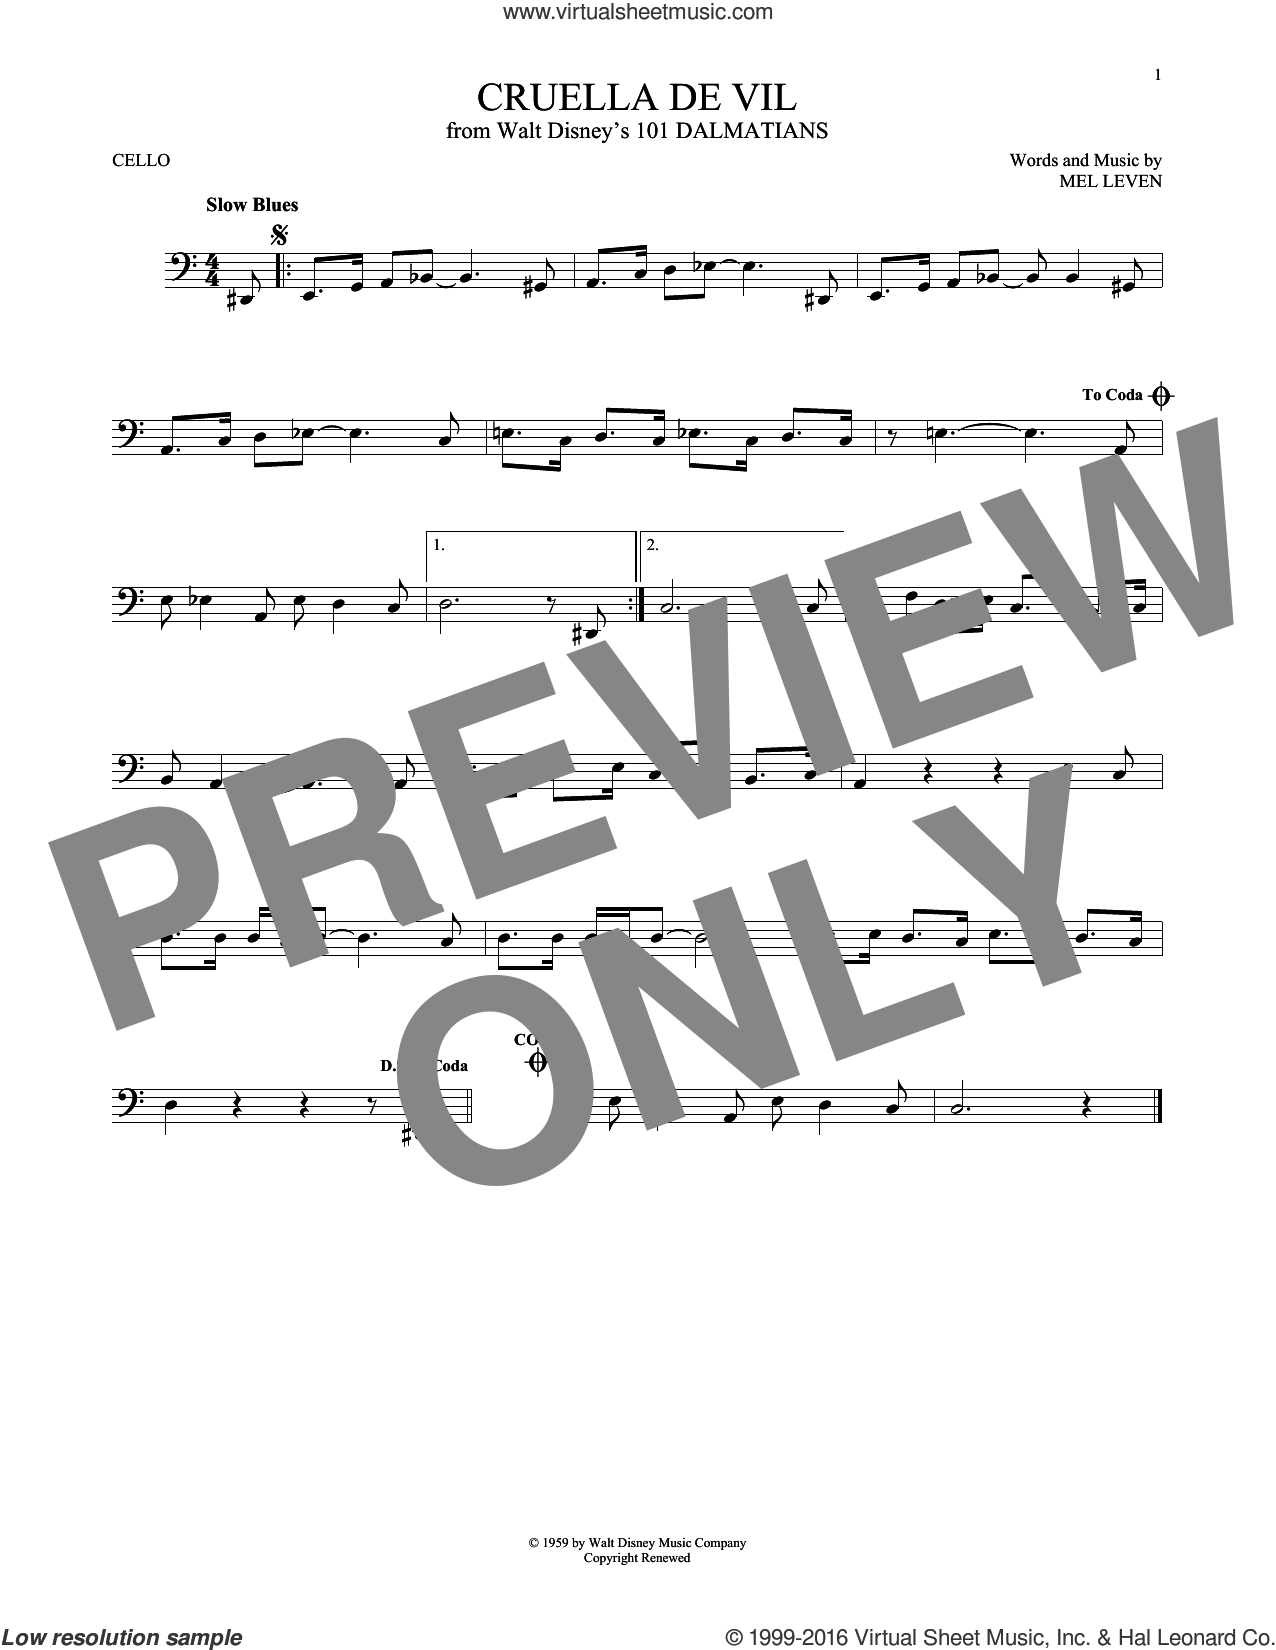 Cruella De Vil sheet music for cello solo by Mel Leven, intermediate skill level